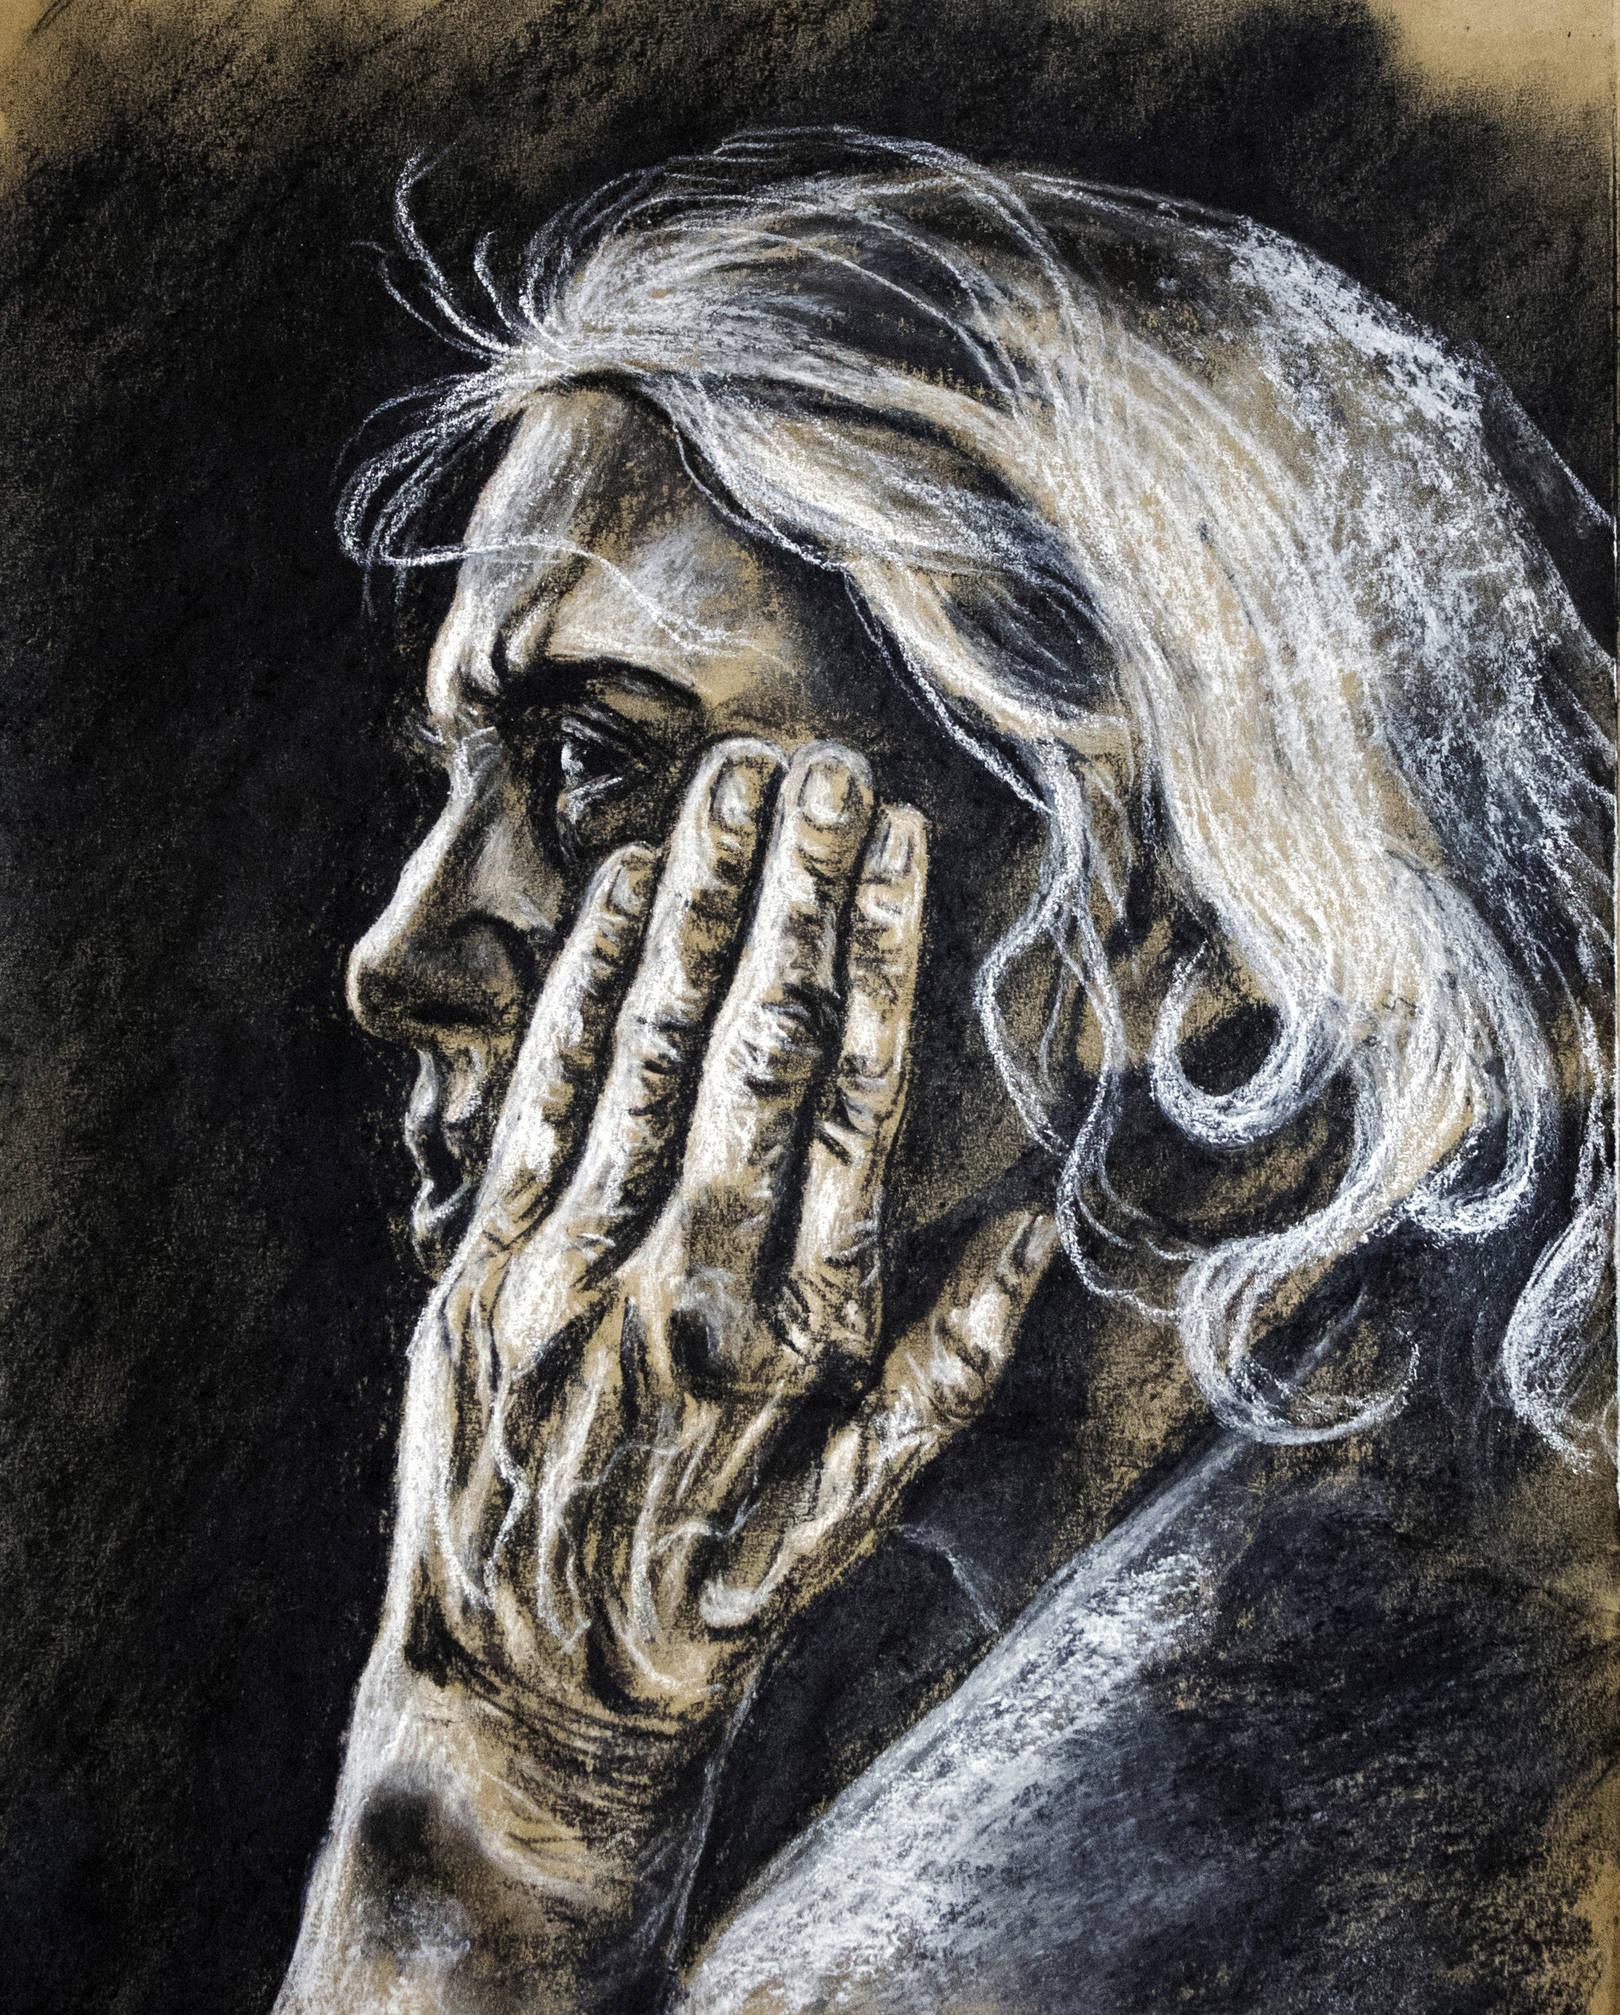 Старуха. Крафт, пастель, 25х35, 2013